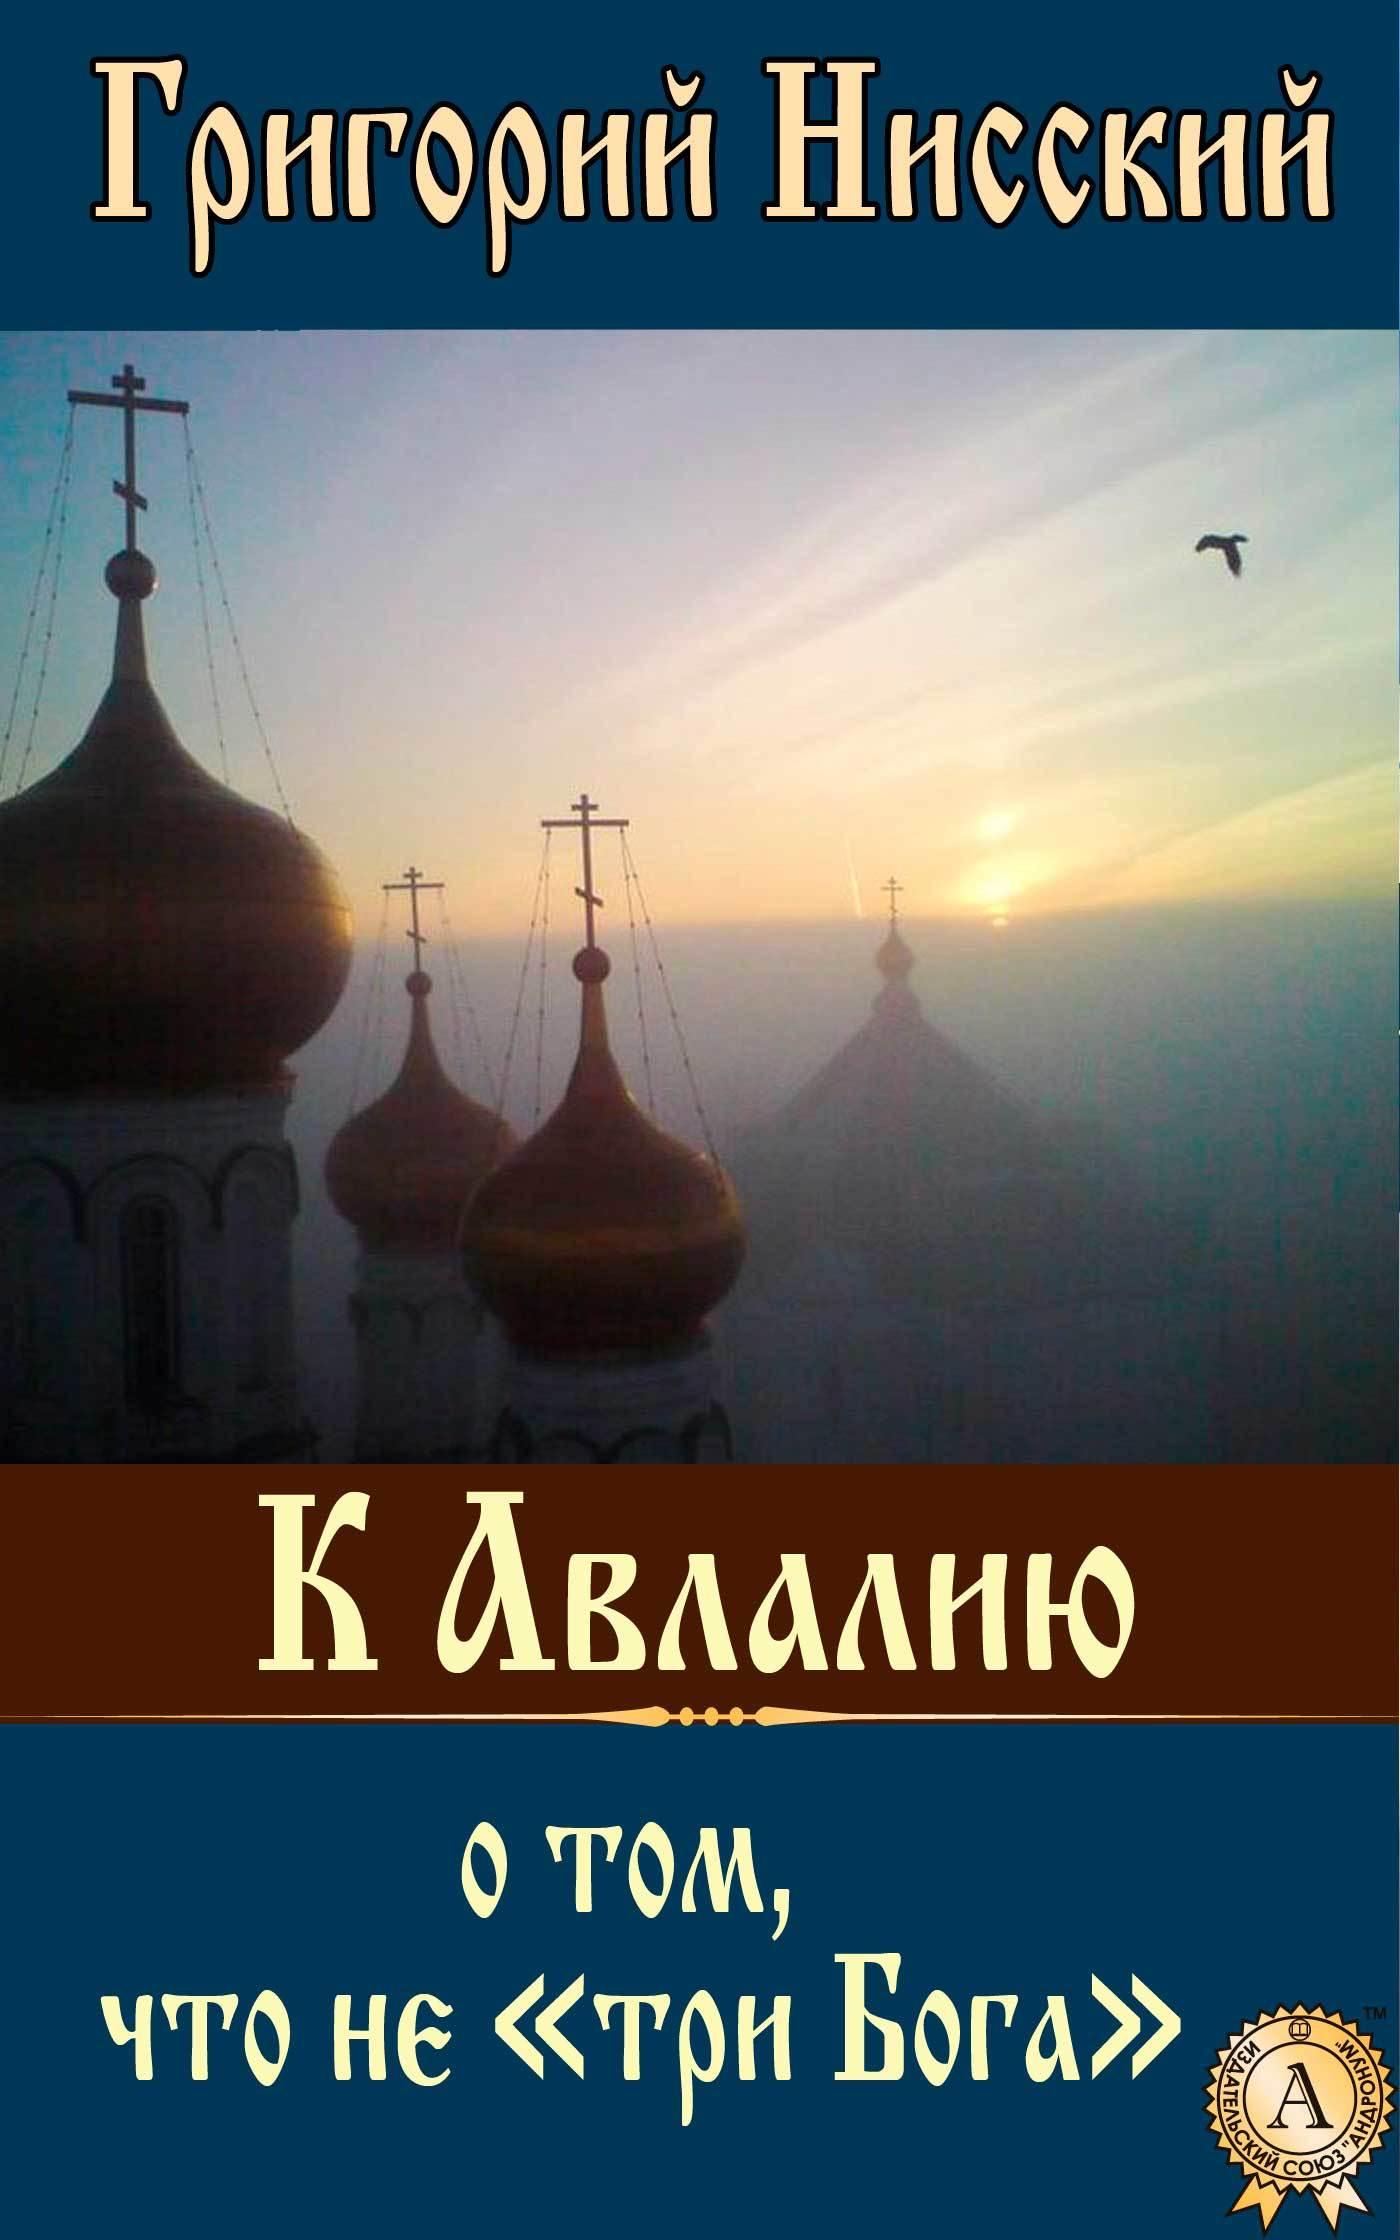 Григорий Нисский Святитель К Авлалию о том, что не «три Бога» григорий лепс григорий лепс апгрейд upgrade 3 lp